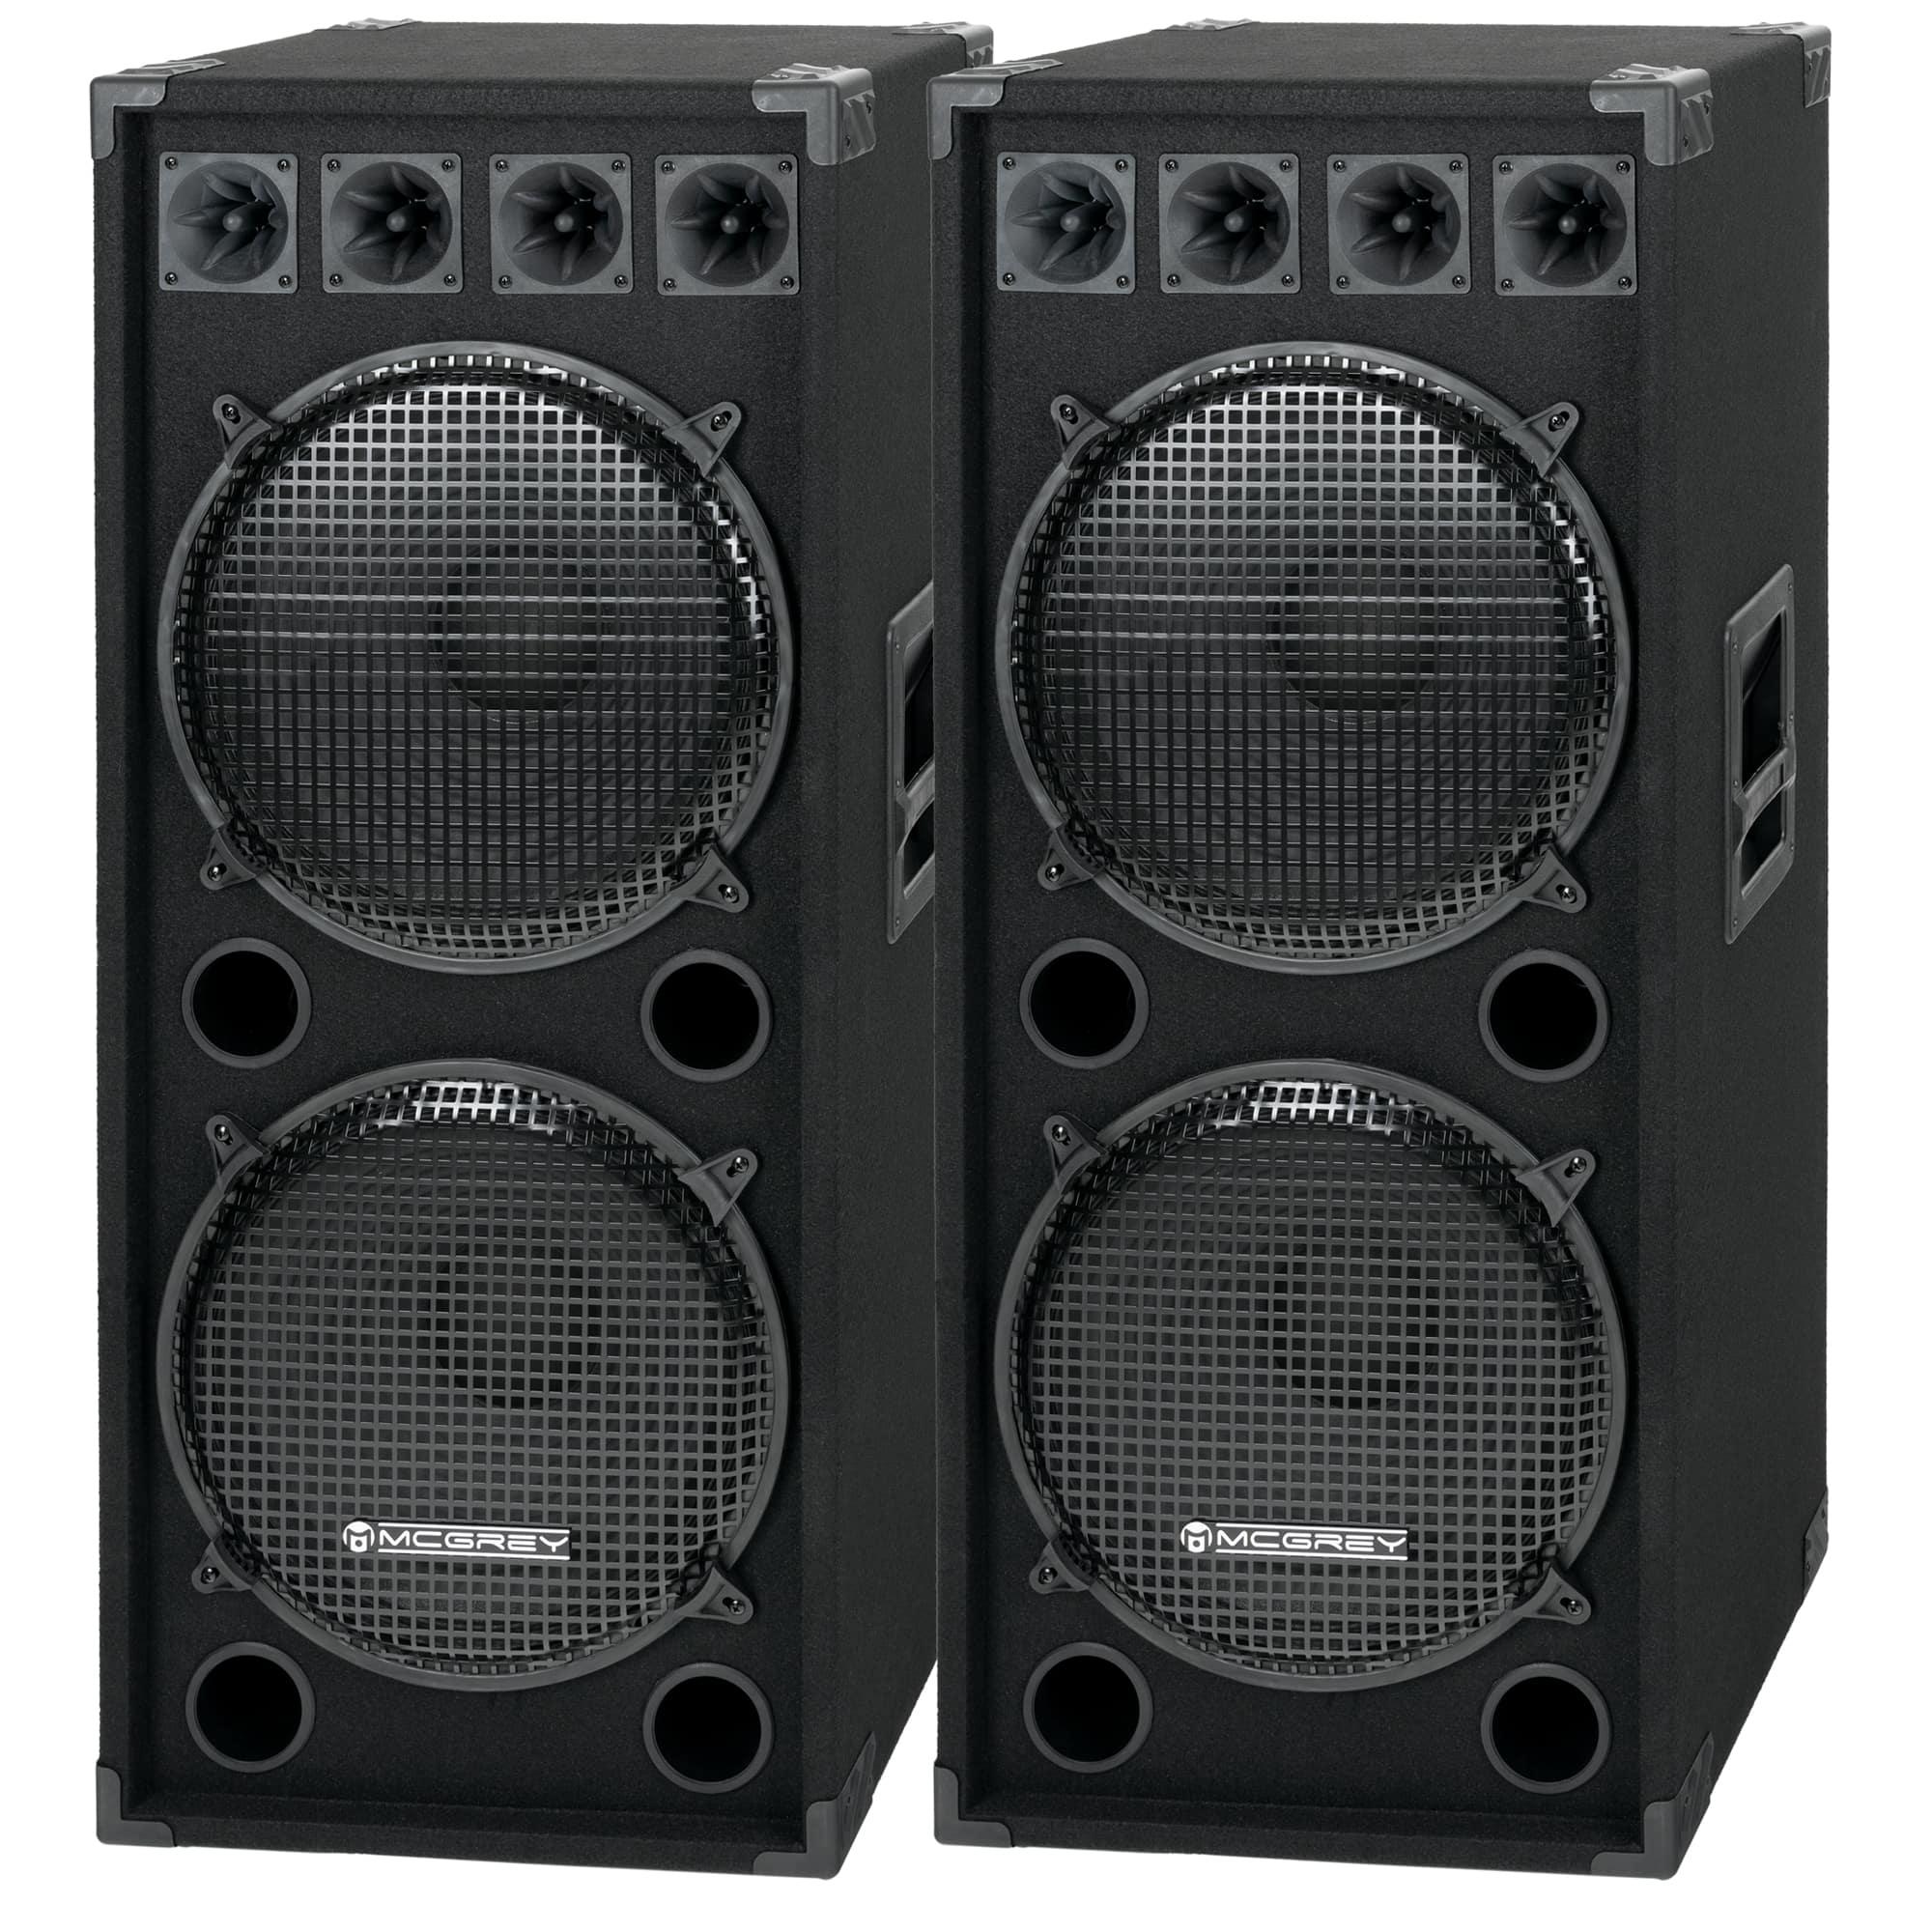 Paboxen - McGrey DJ 2522 Partykeller|DJ Box Paar 2 x 1500W - Onlineshop Musikhaus Kirstein